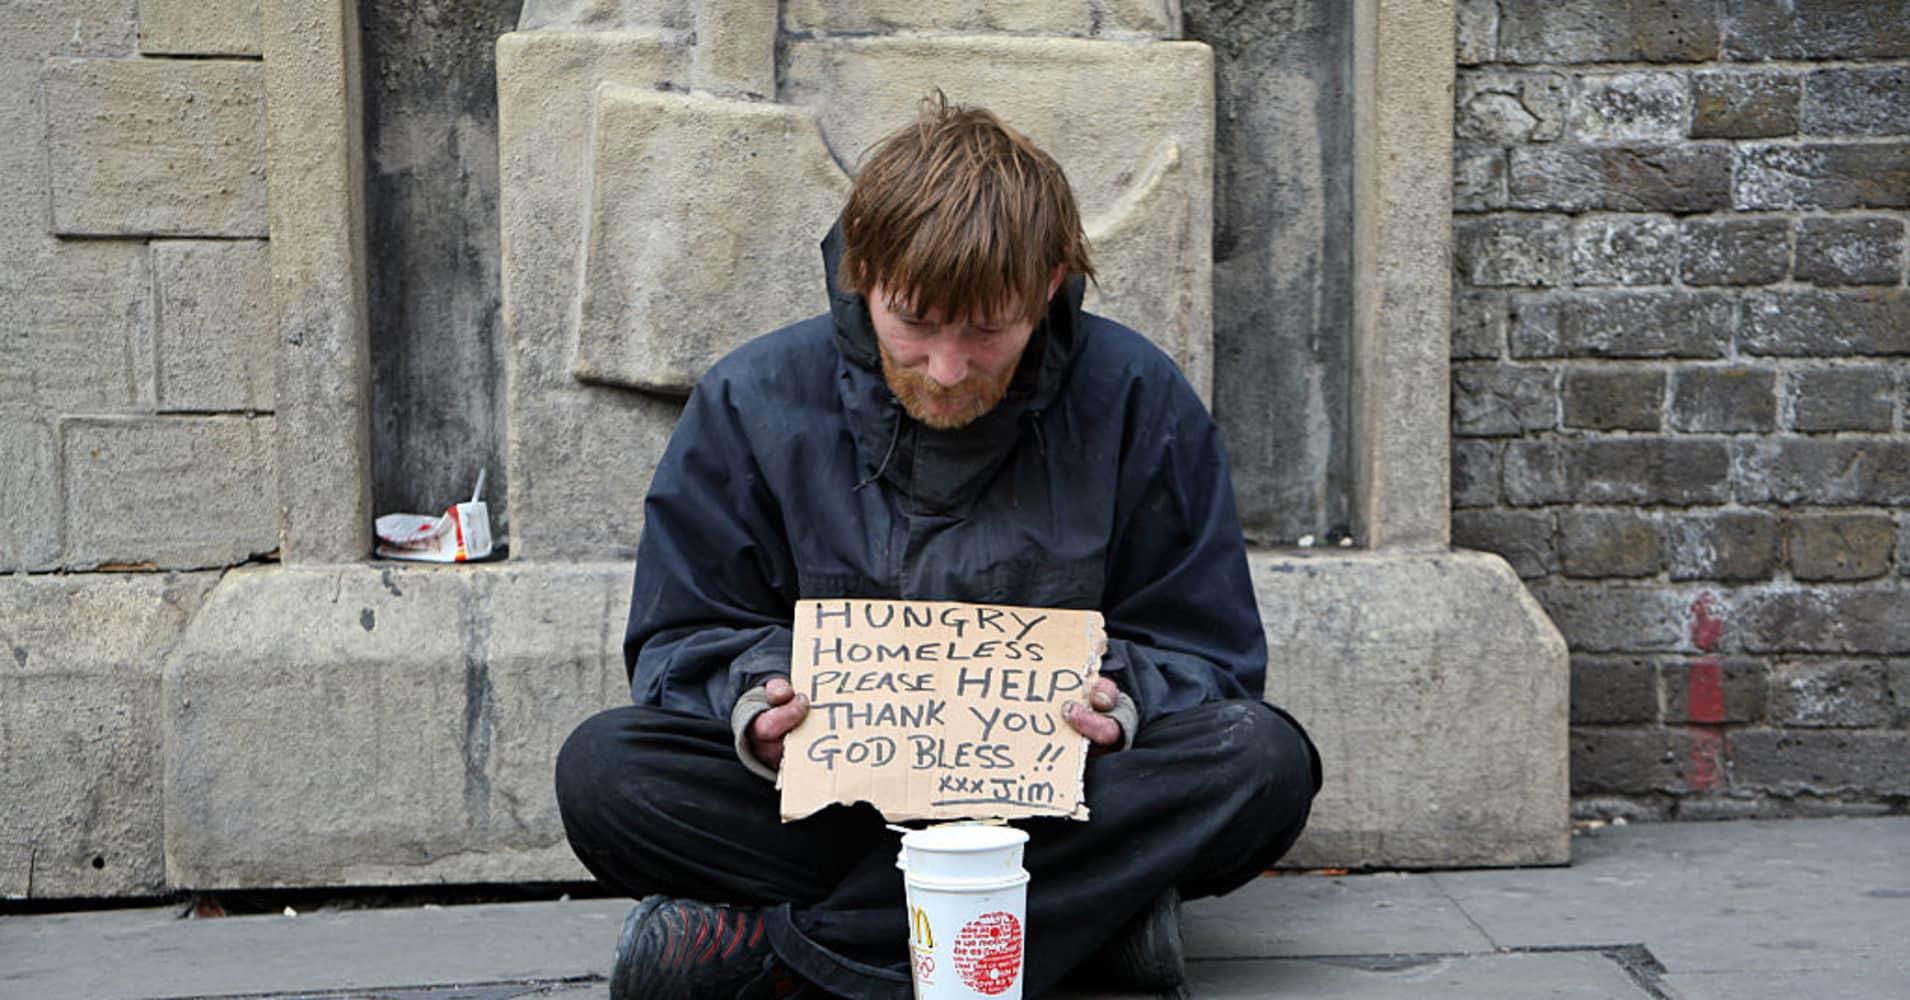 A homeless man begging for money.